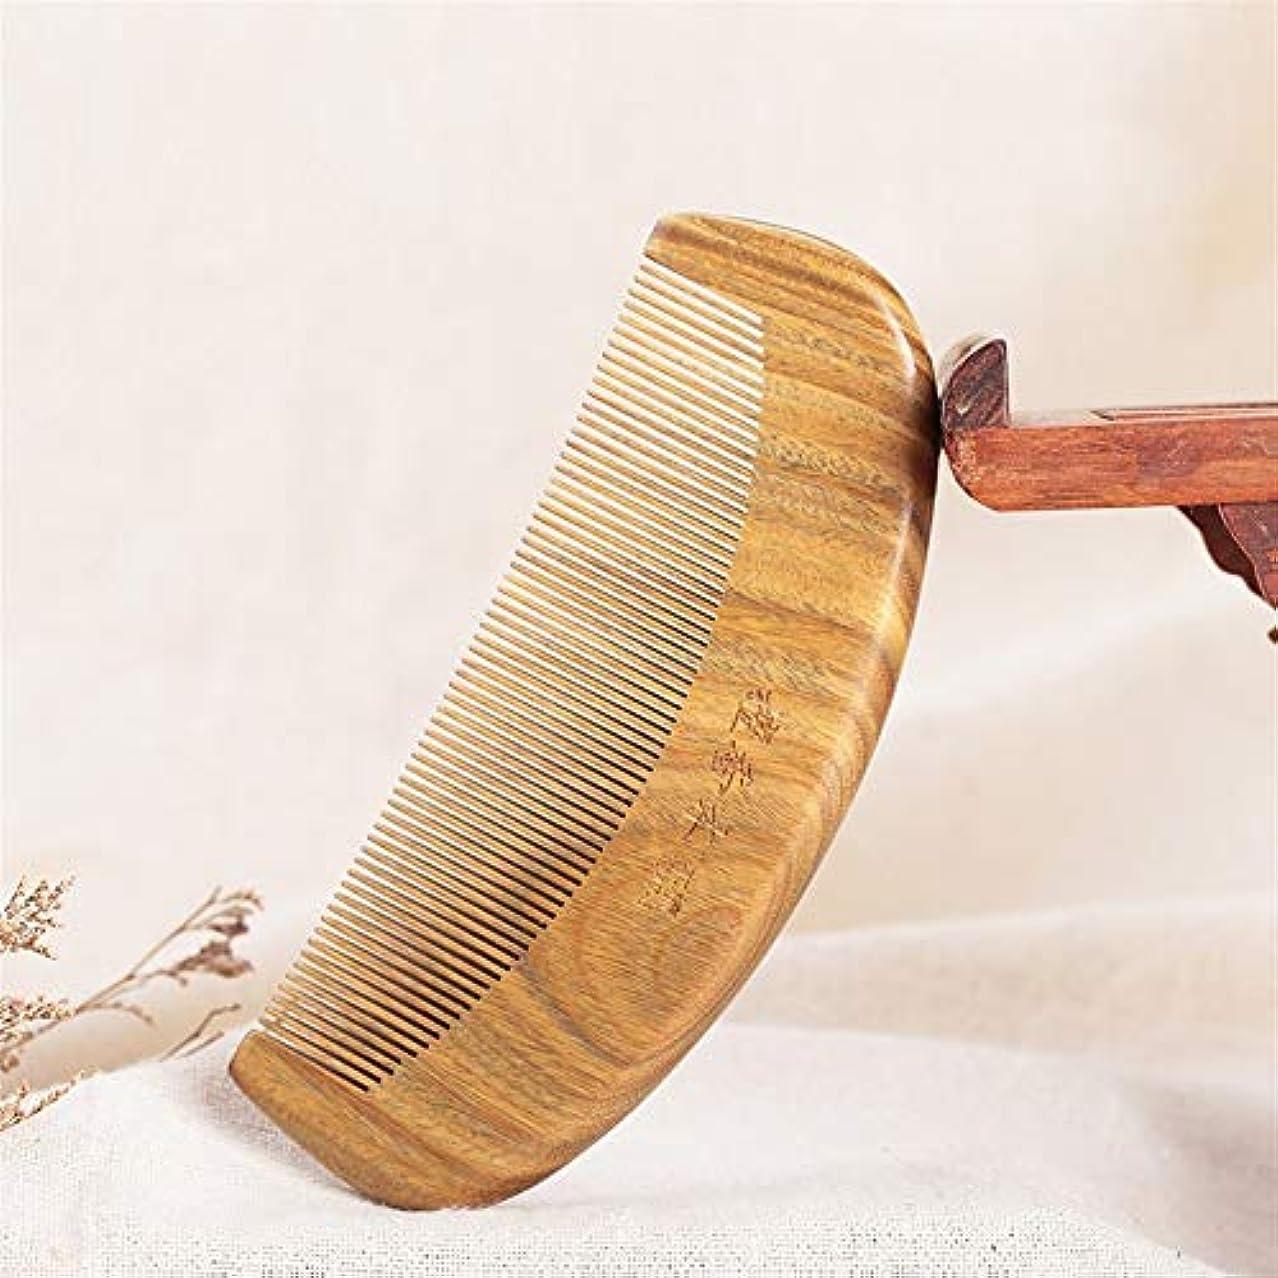 プライム胚飲食店Guomao グリーンビャクダンの木の櫛高密度歯ビャクダンの櫛半月 (Size : 13*4.5 cm)